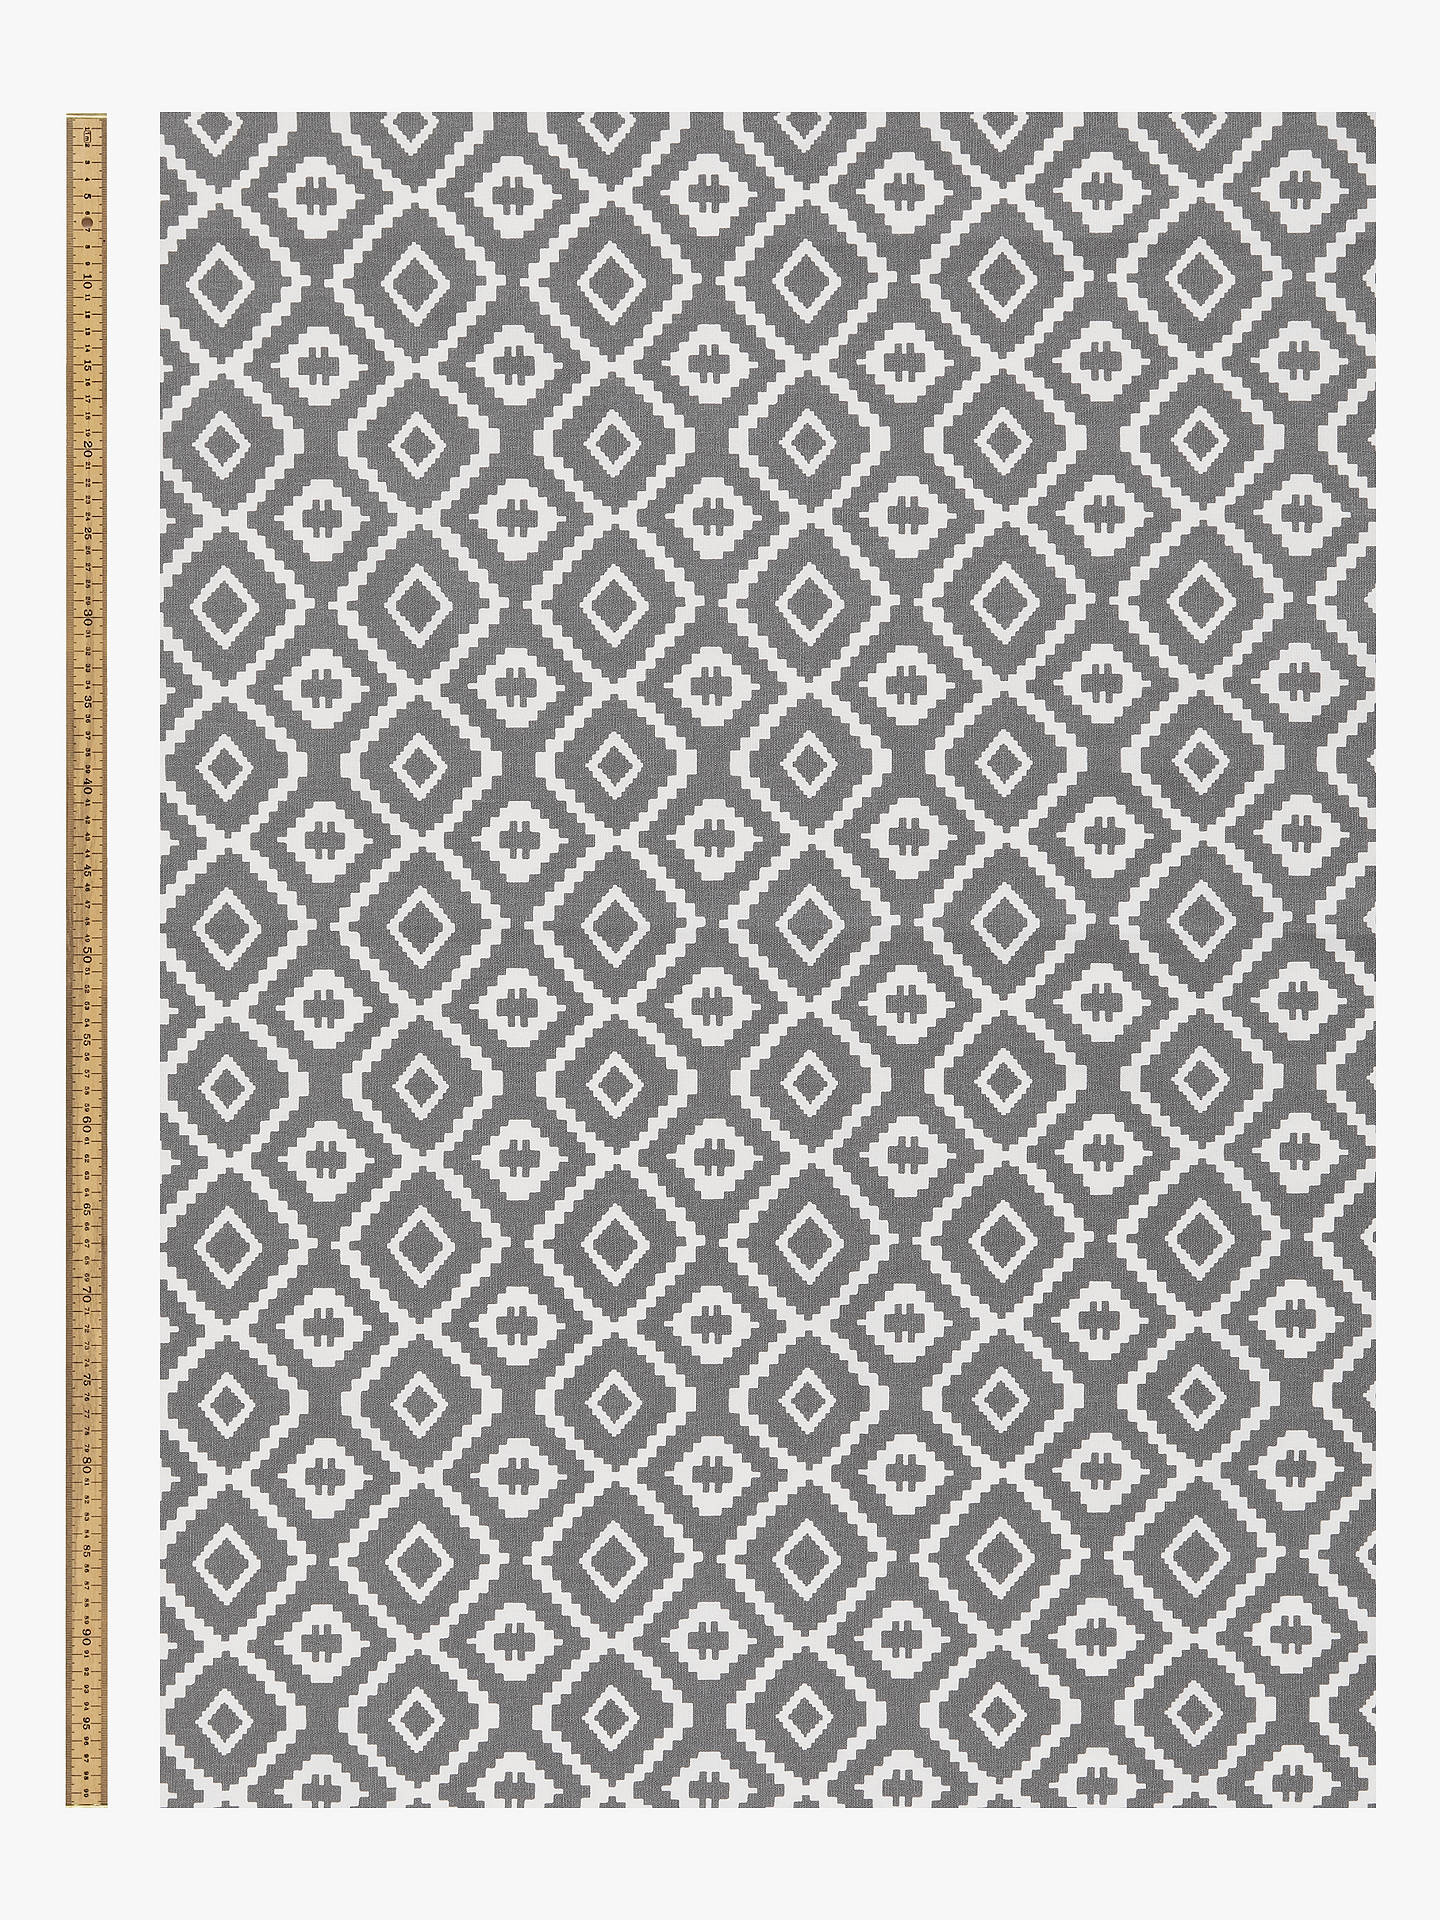 per metre dress fabric John Lewis cotton 100/% sewing 'Summer Garden A/',